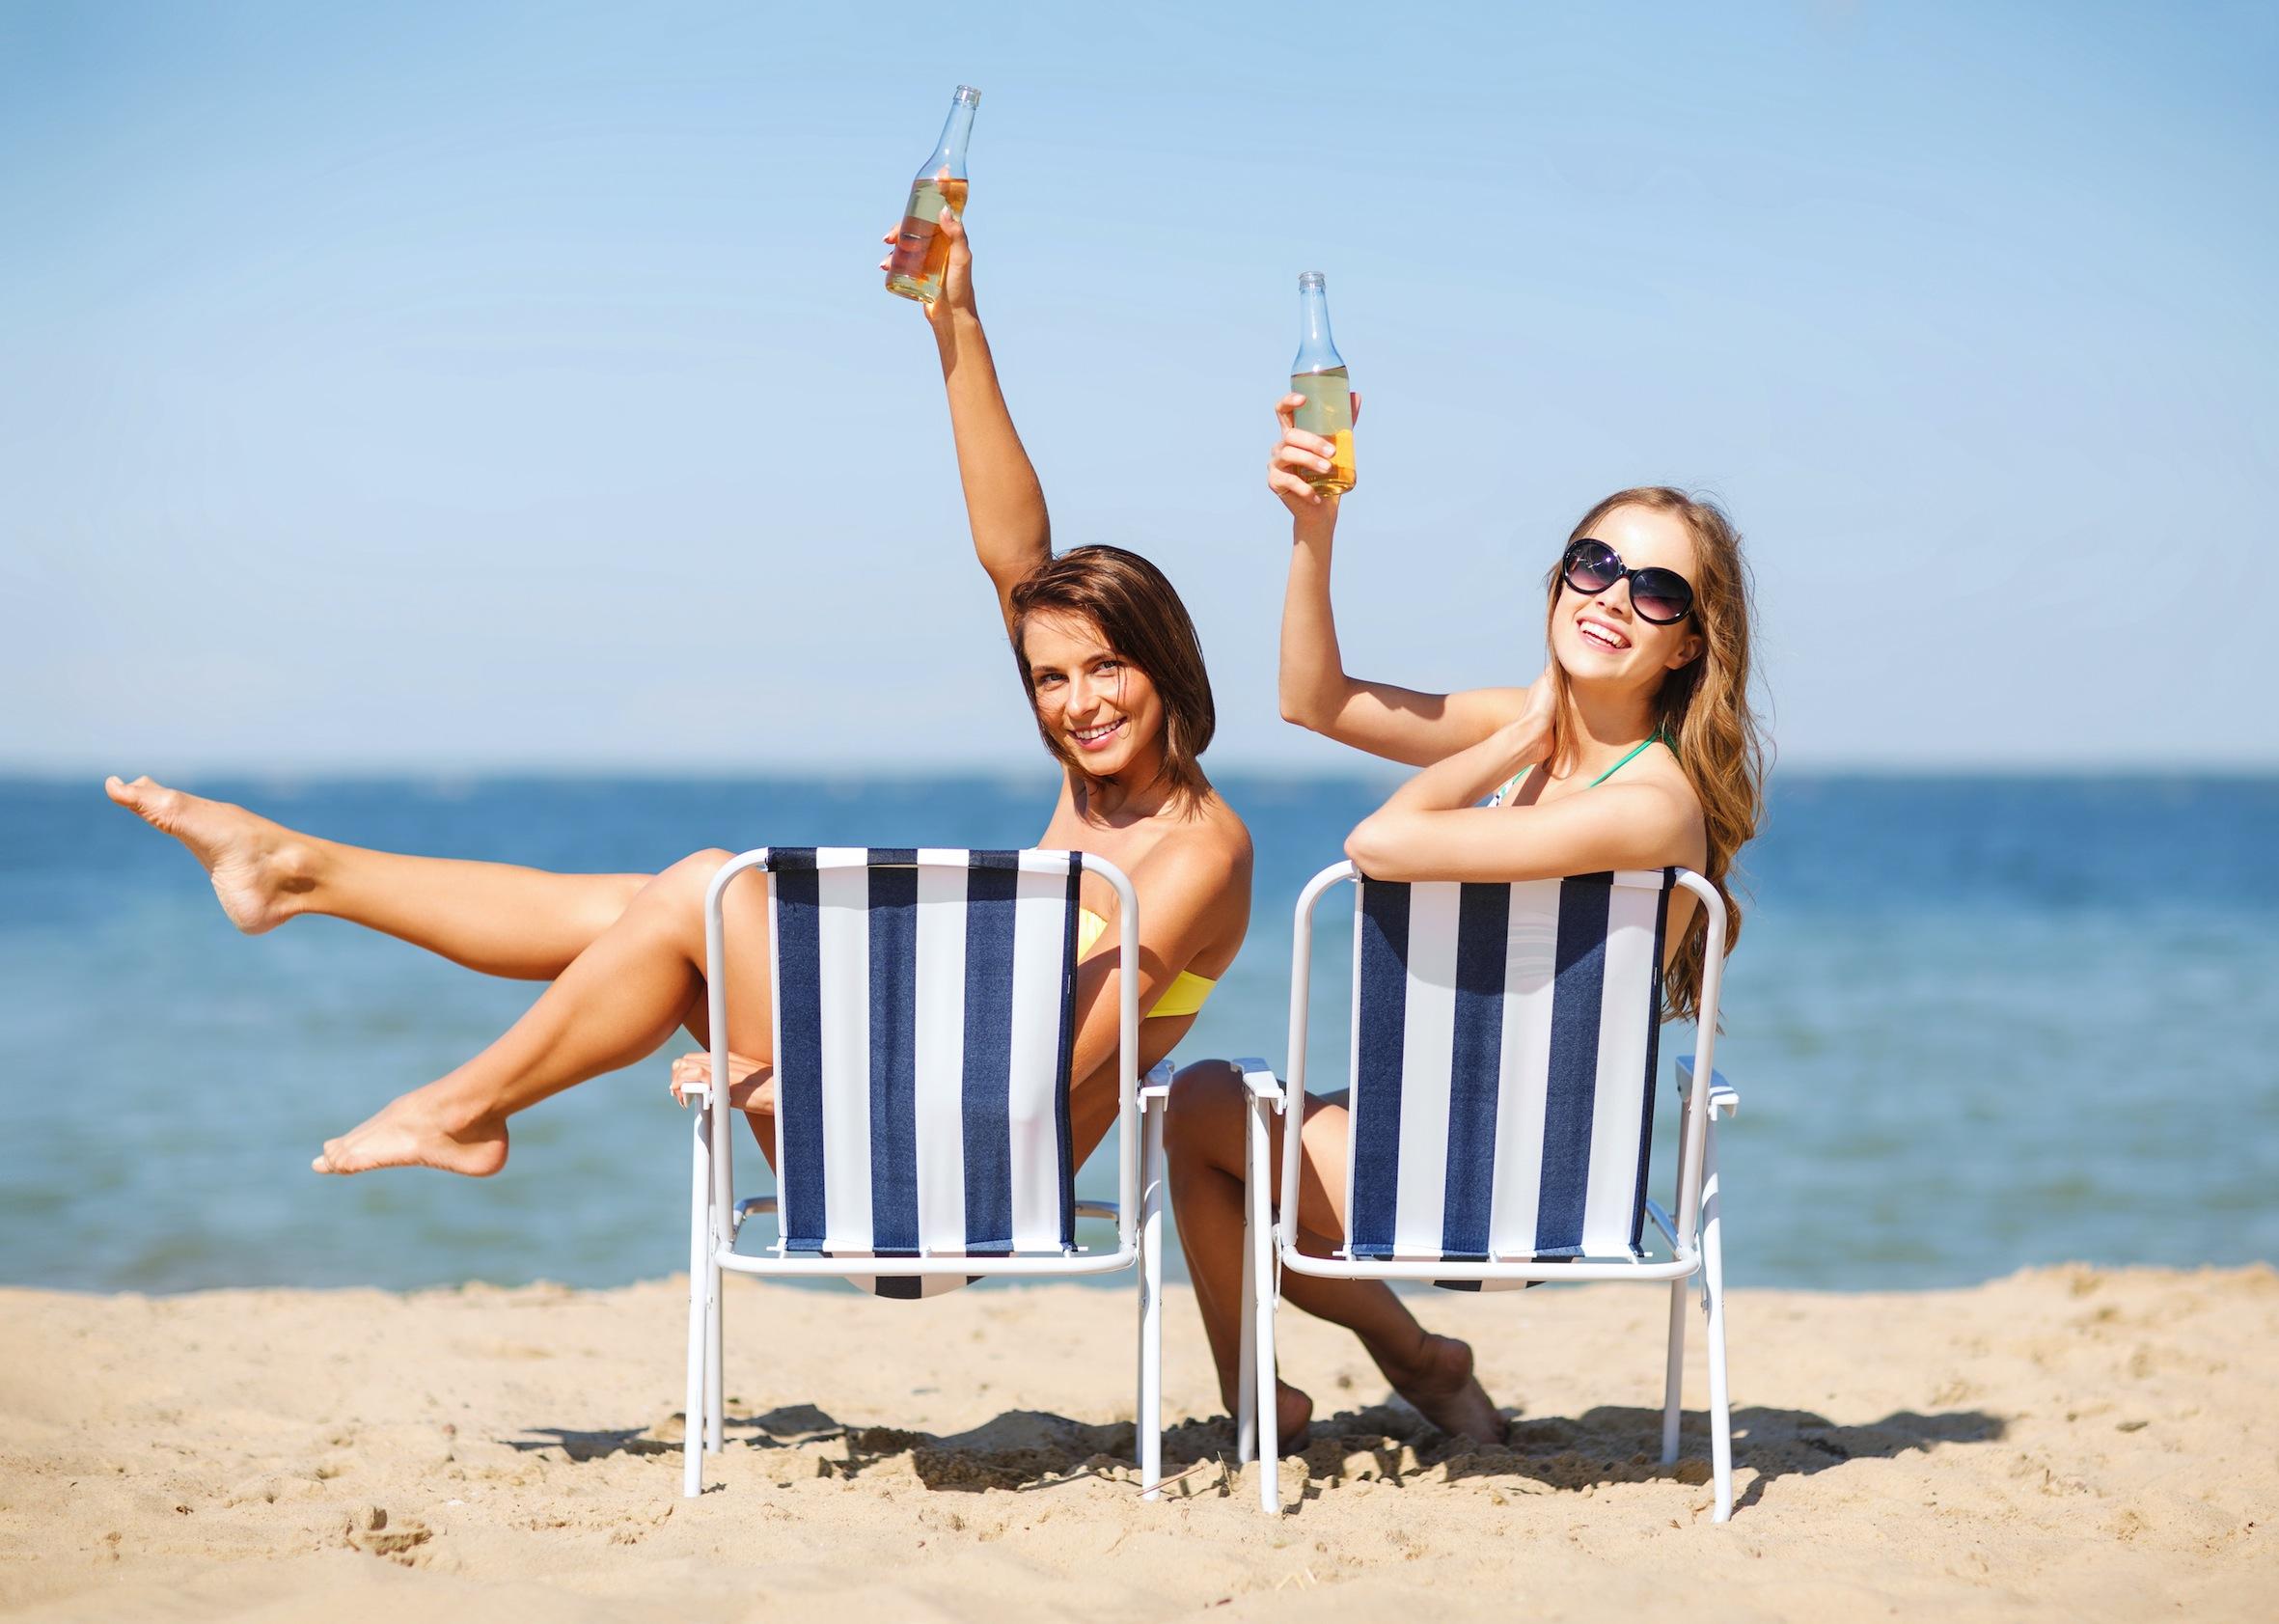 Девушки на пляже (65 фото)